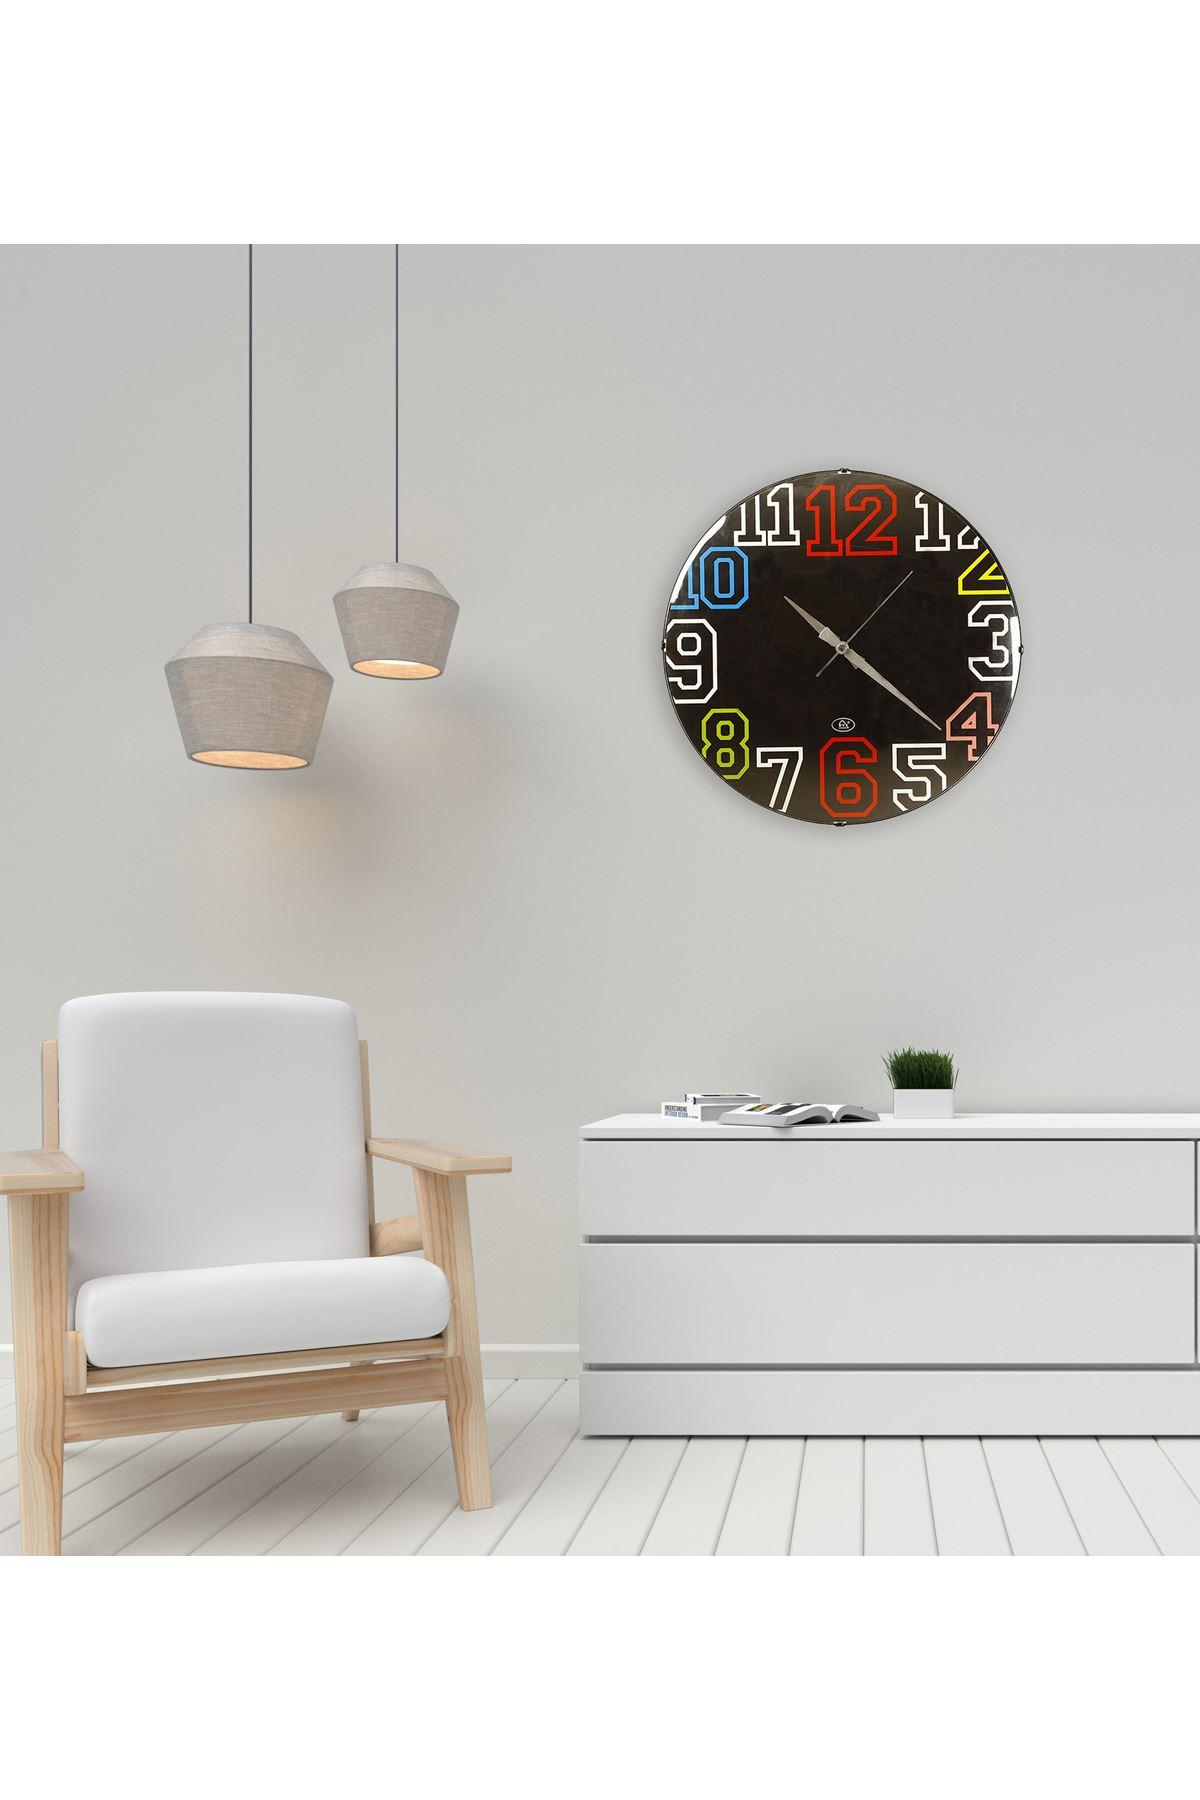 Rikon Renkli Rakamlar Dekoratif Bombe Camlı Duvar Saati 35X35 Cm